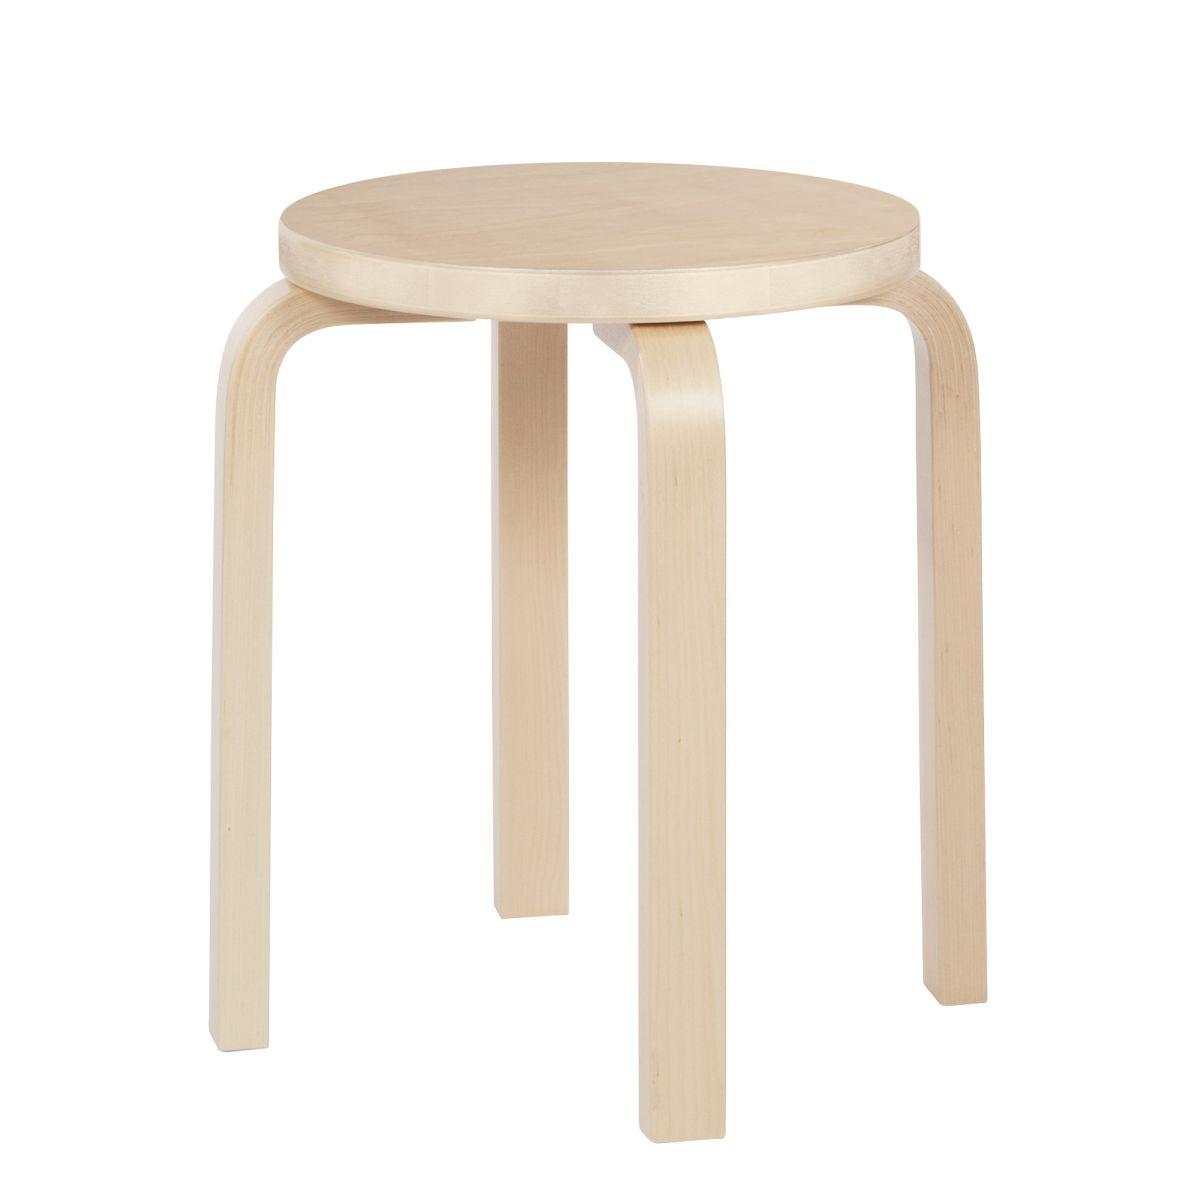 Stool-E60-Legs-Birch-Birch-Top-2157322